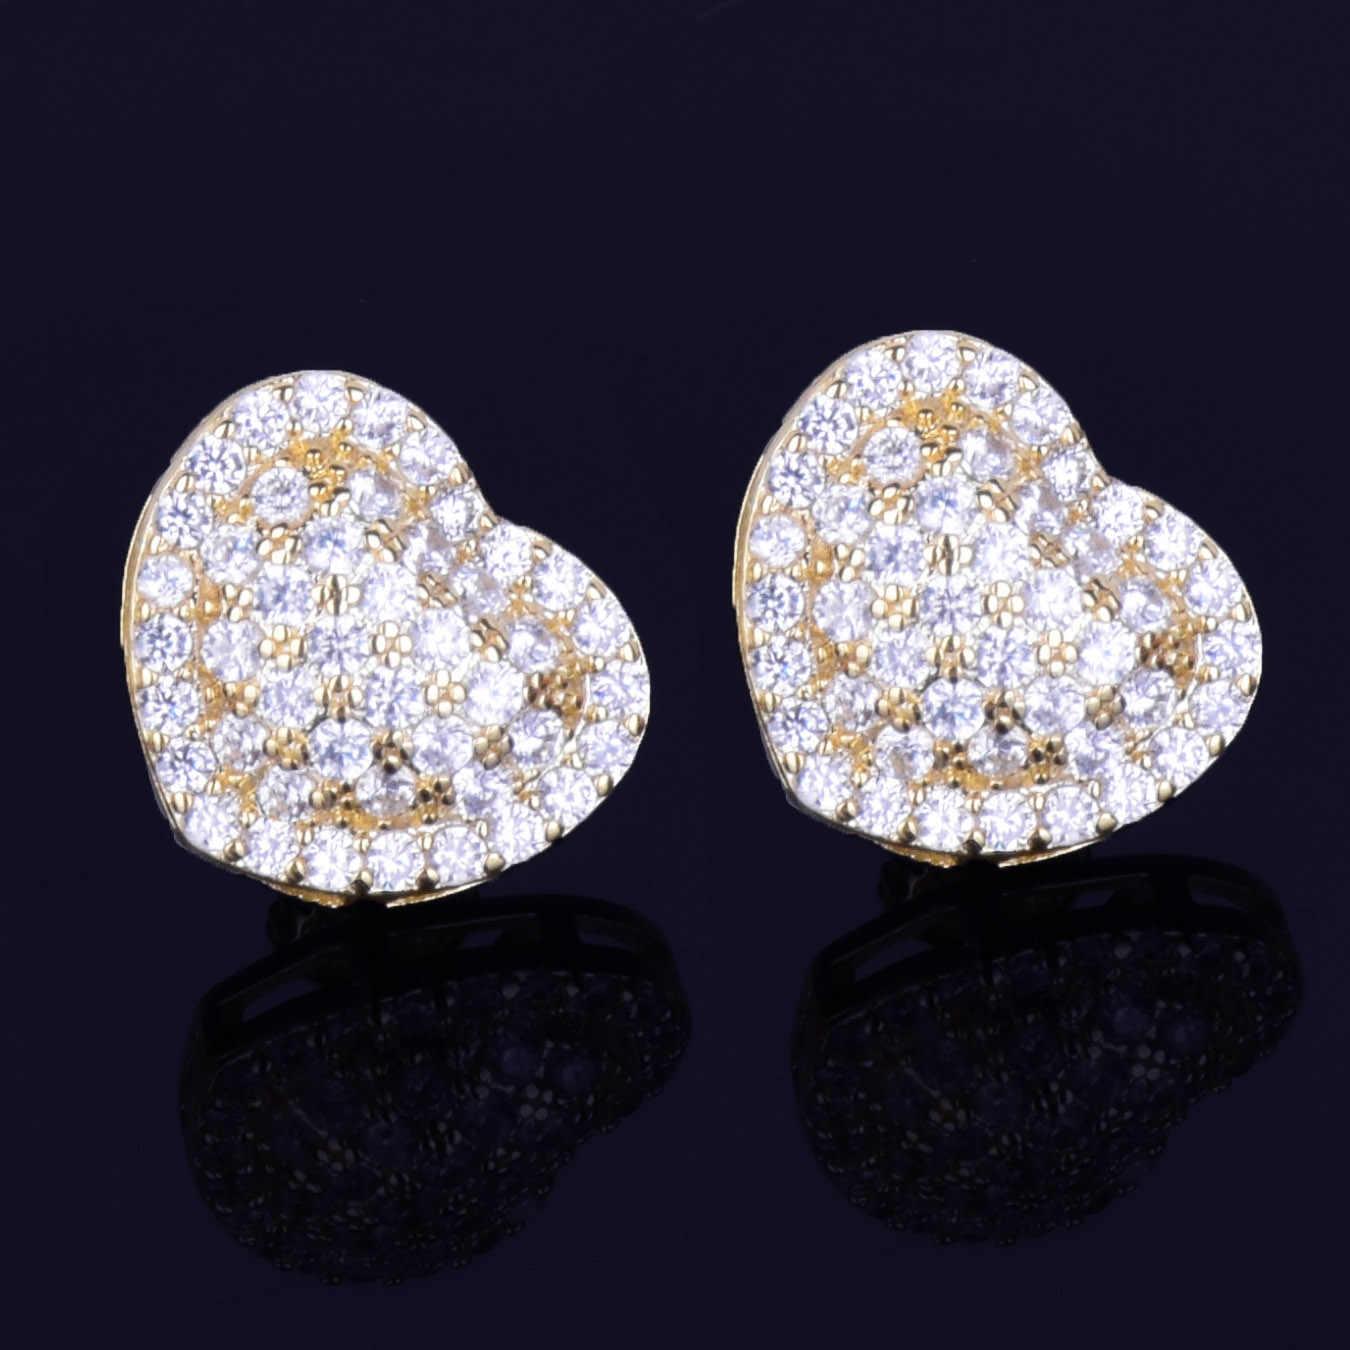 14MM Heart-shaped Men Women Stud Earring Gold Silver Full Cubic Zircon Screw Back Earrings Fashion Hip Hop Jewelry for Gift